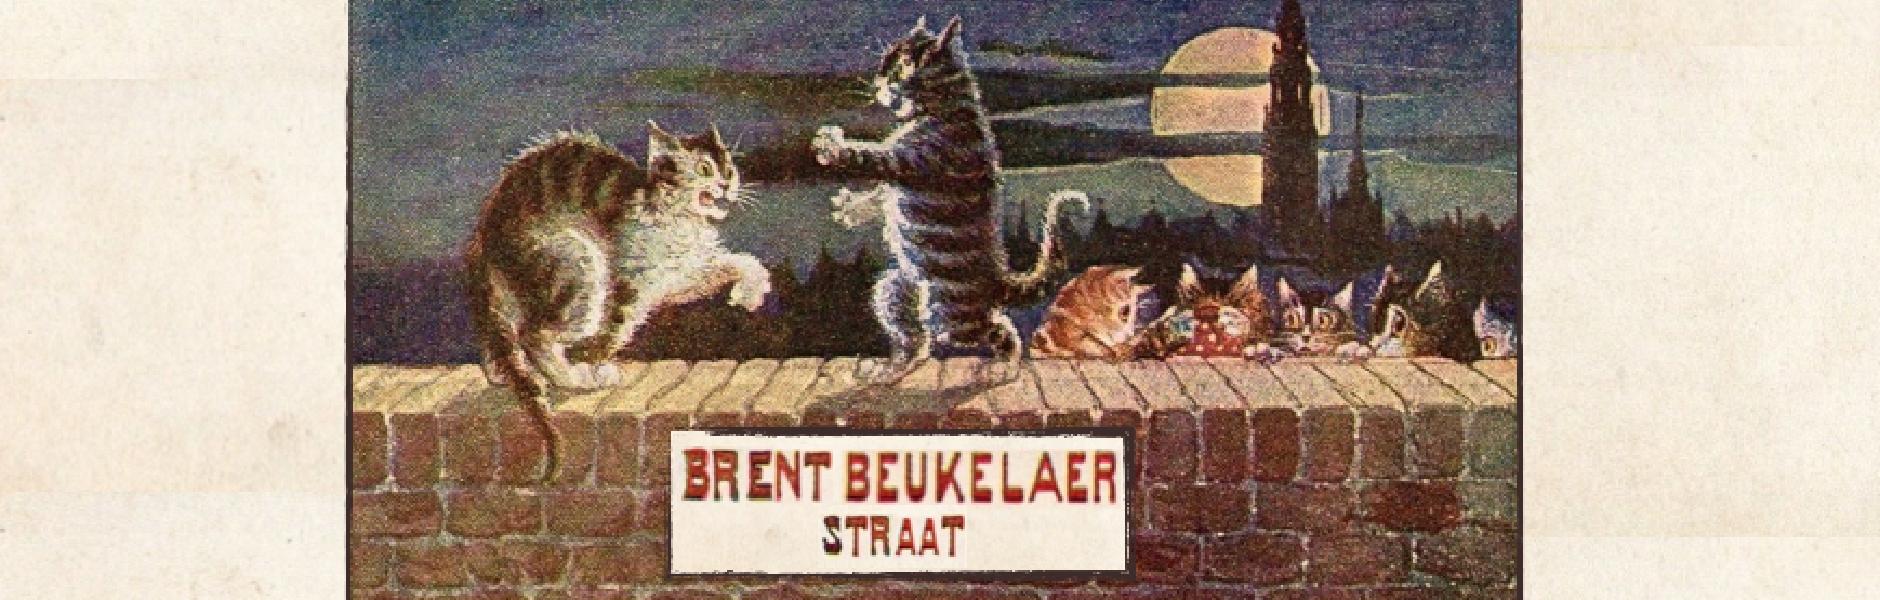 Brent Beukelaer